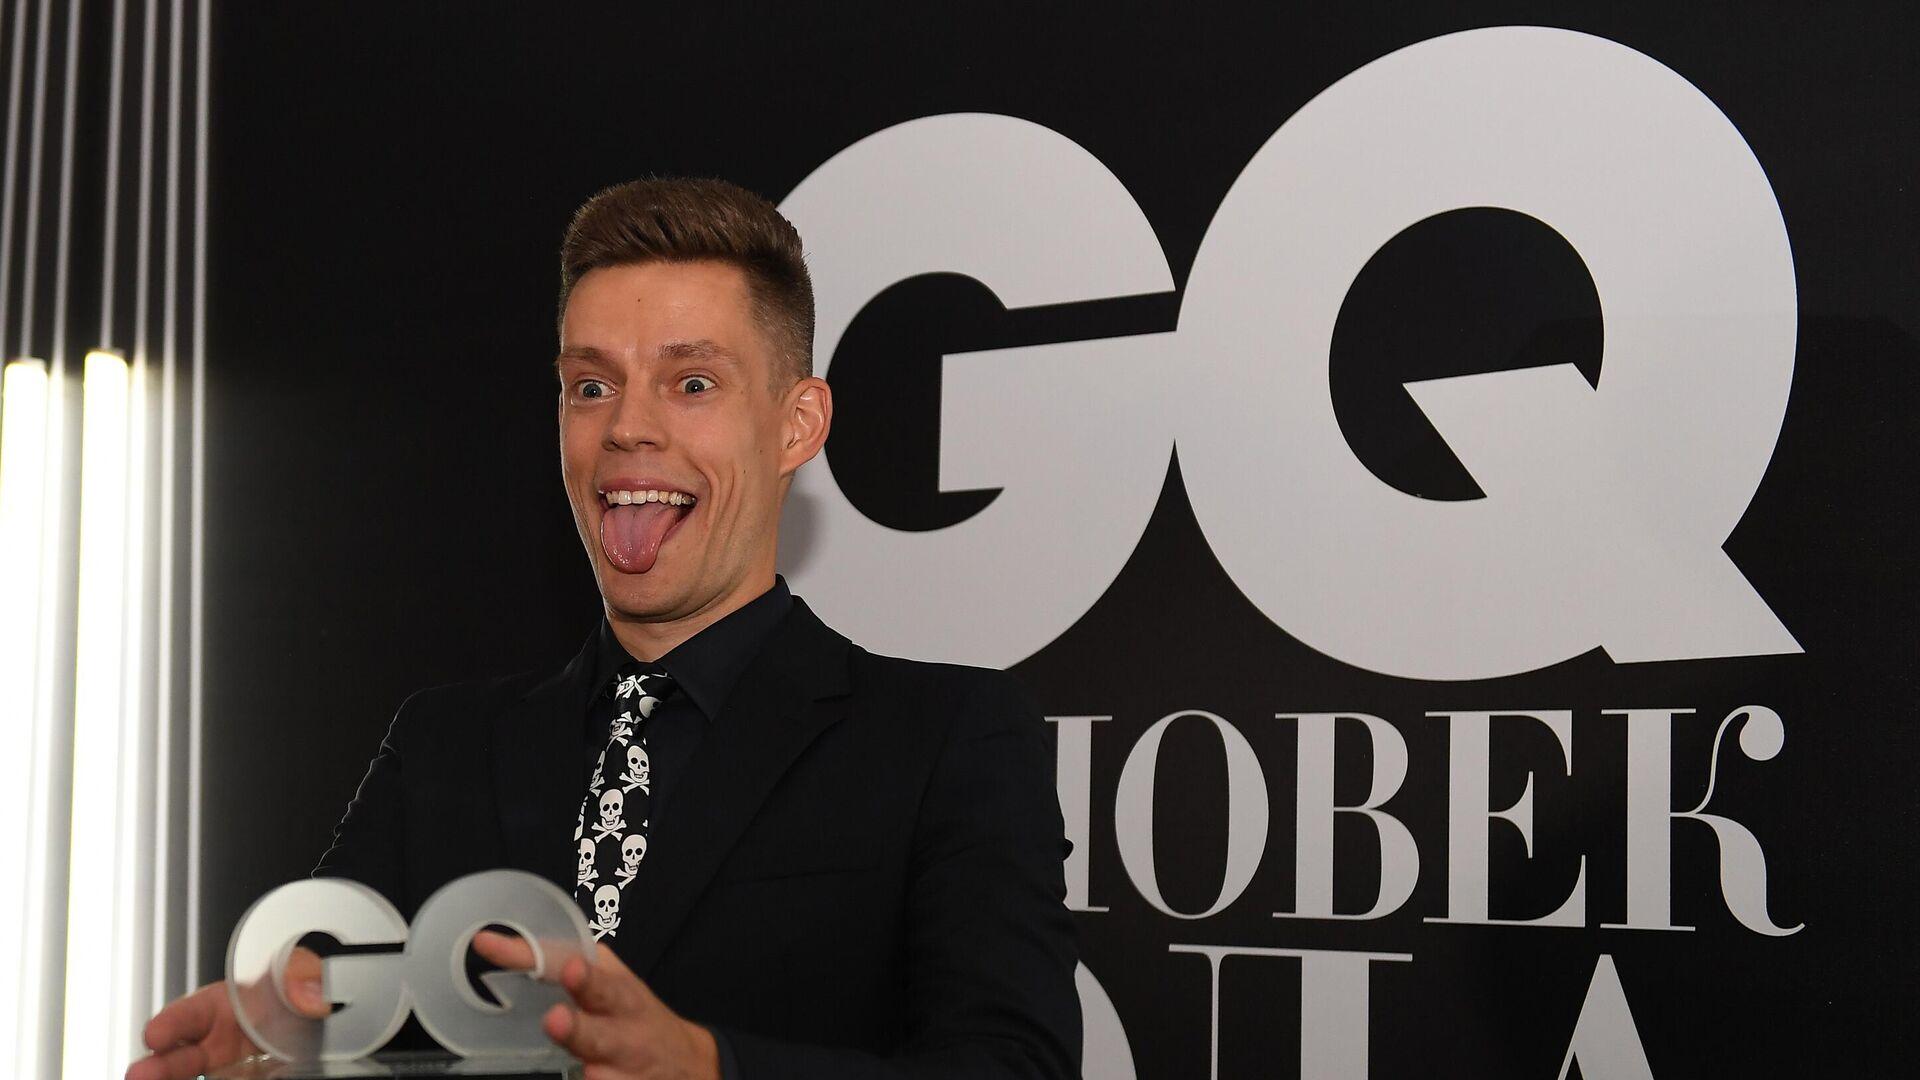 Журналист и блогер Юрий Дудь, победивший в номинации Лицо с экрана, на церемонии вручения 17-й ежегодной премии Человек года 2019 по версии журнала GQ - РИА Новости, 1920, 10.06.2021